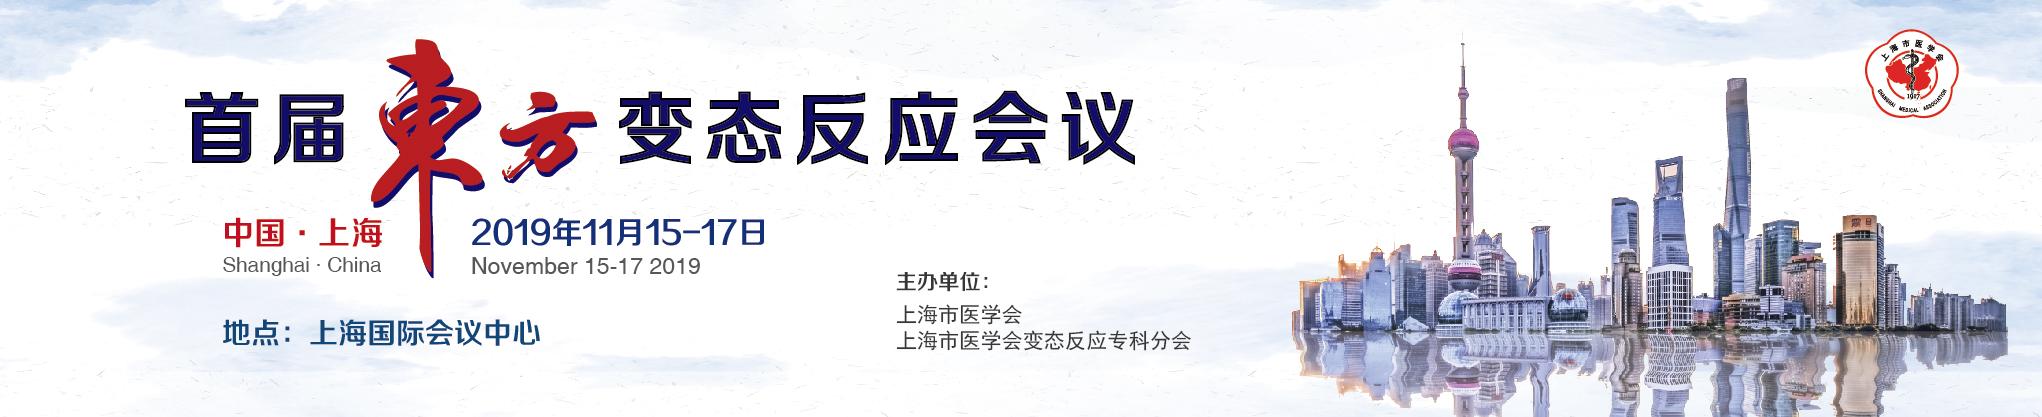 首届东方变态反应会议